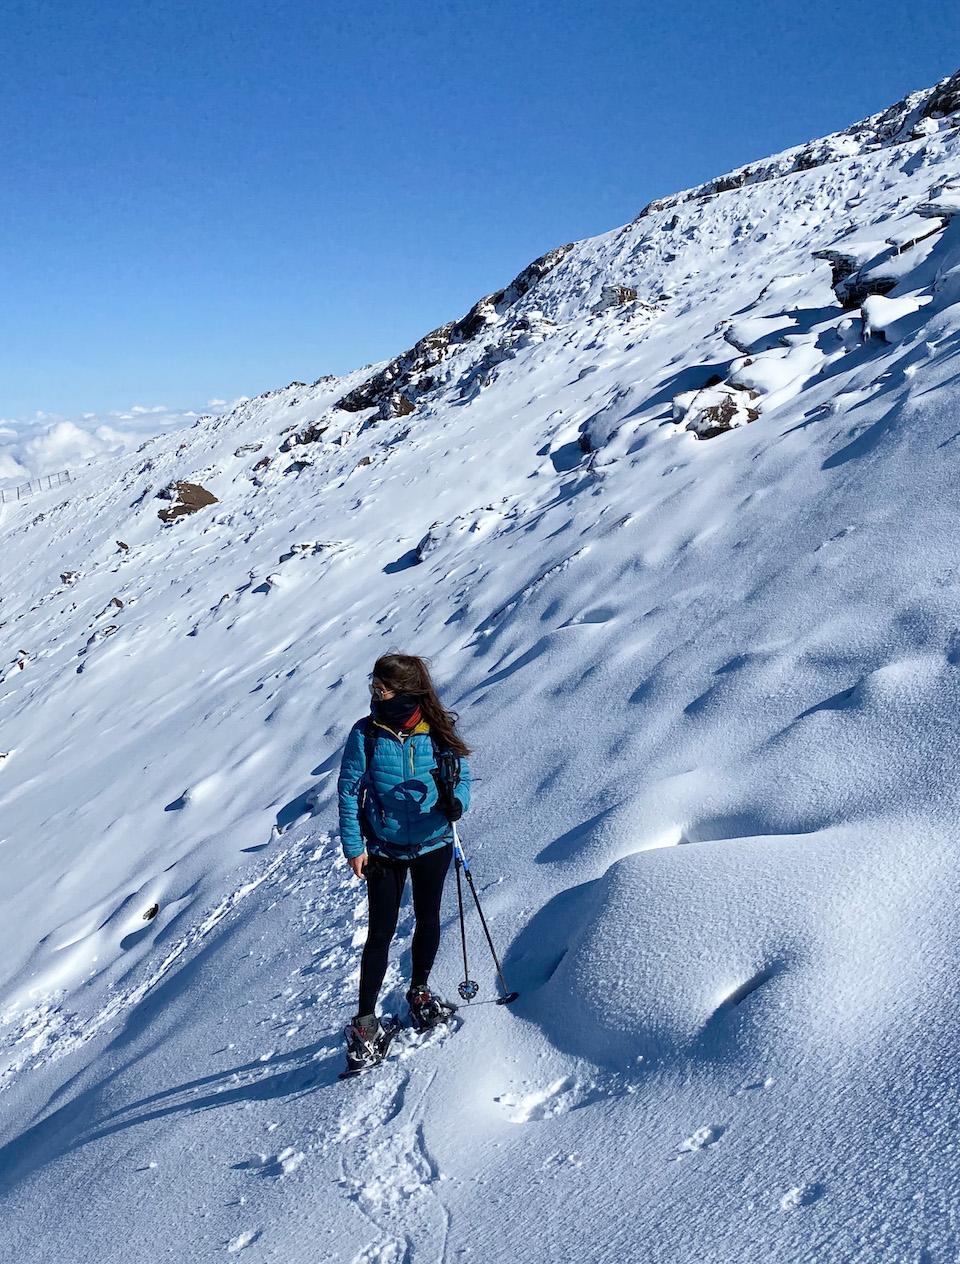 Pico Veleta beklimmen in de sneeuw - Las Alpujarras